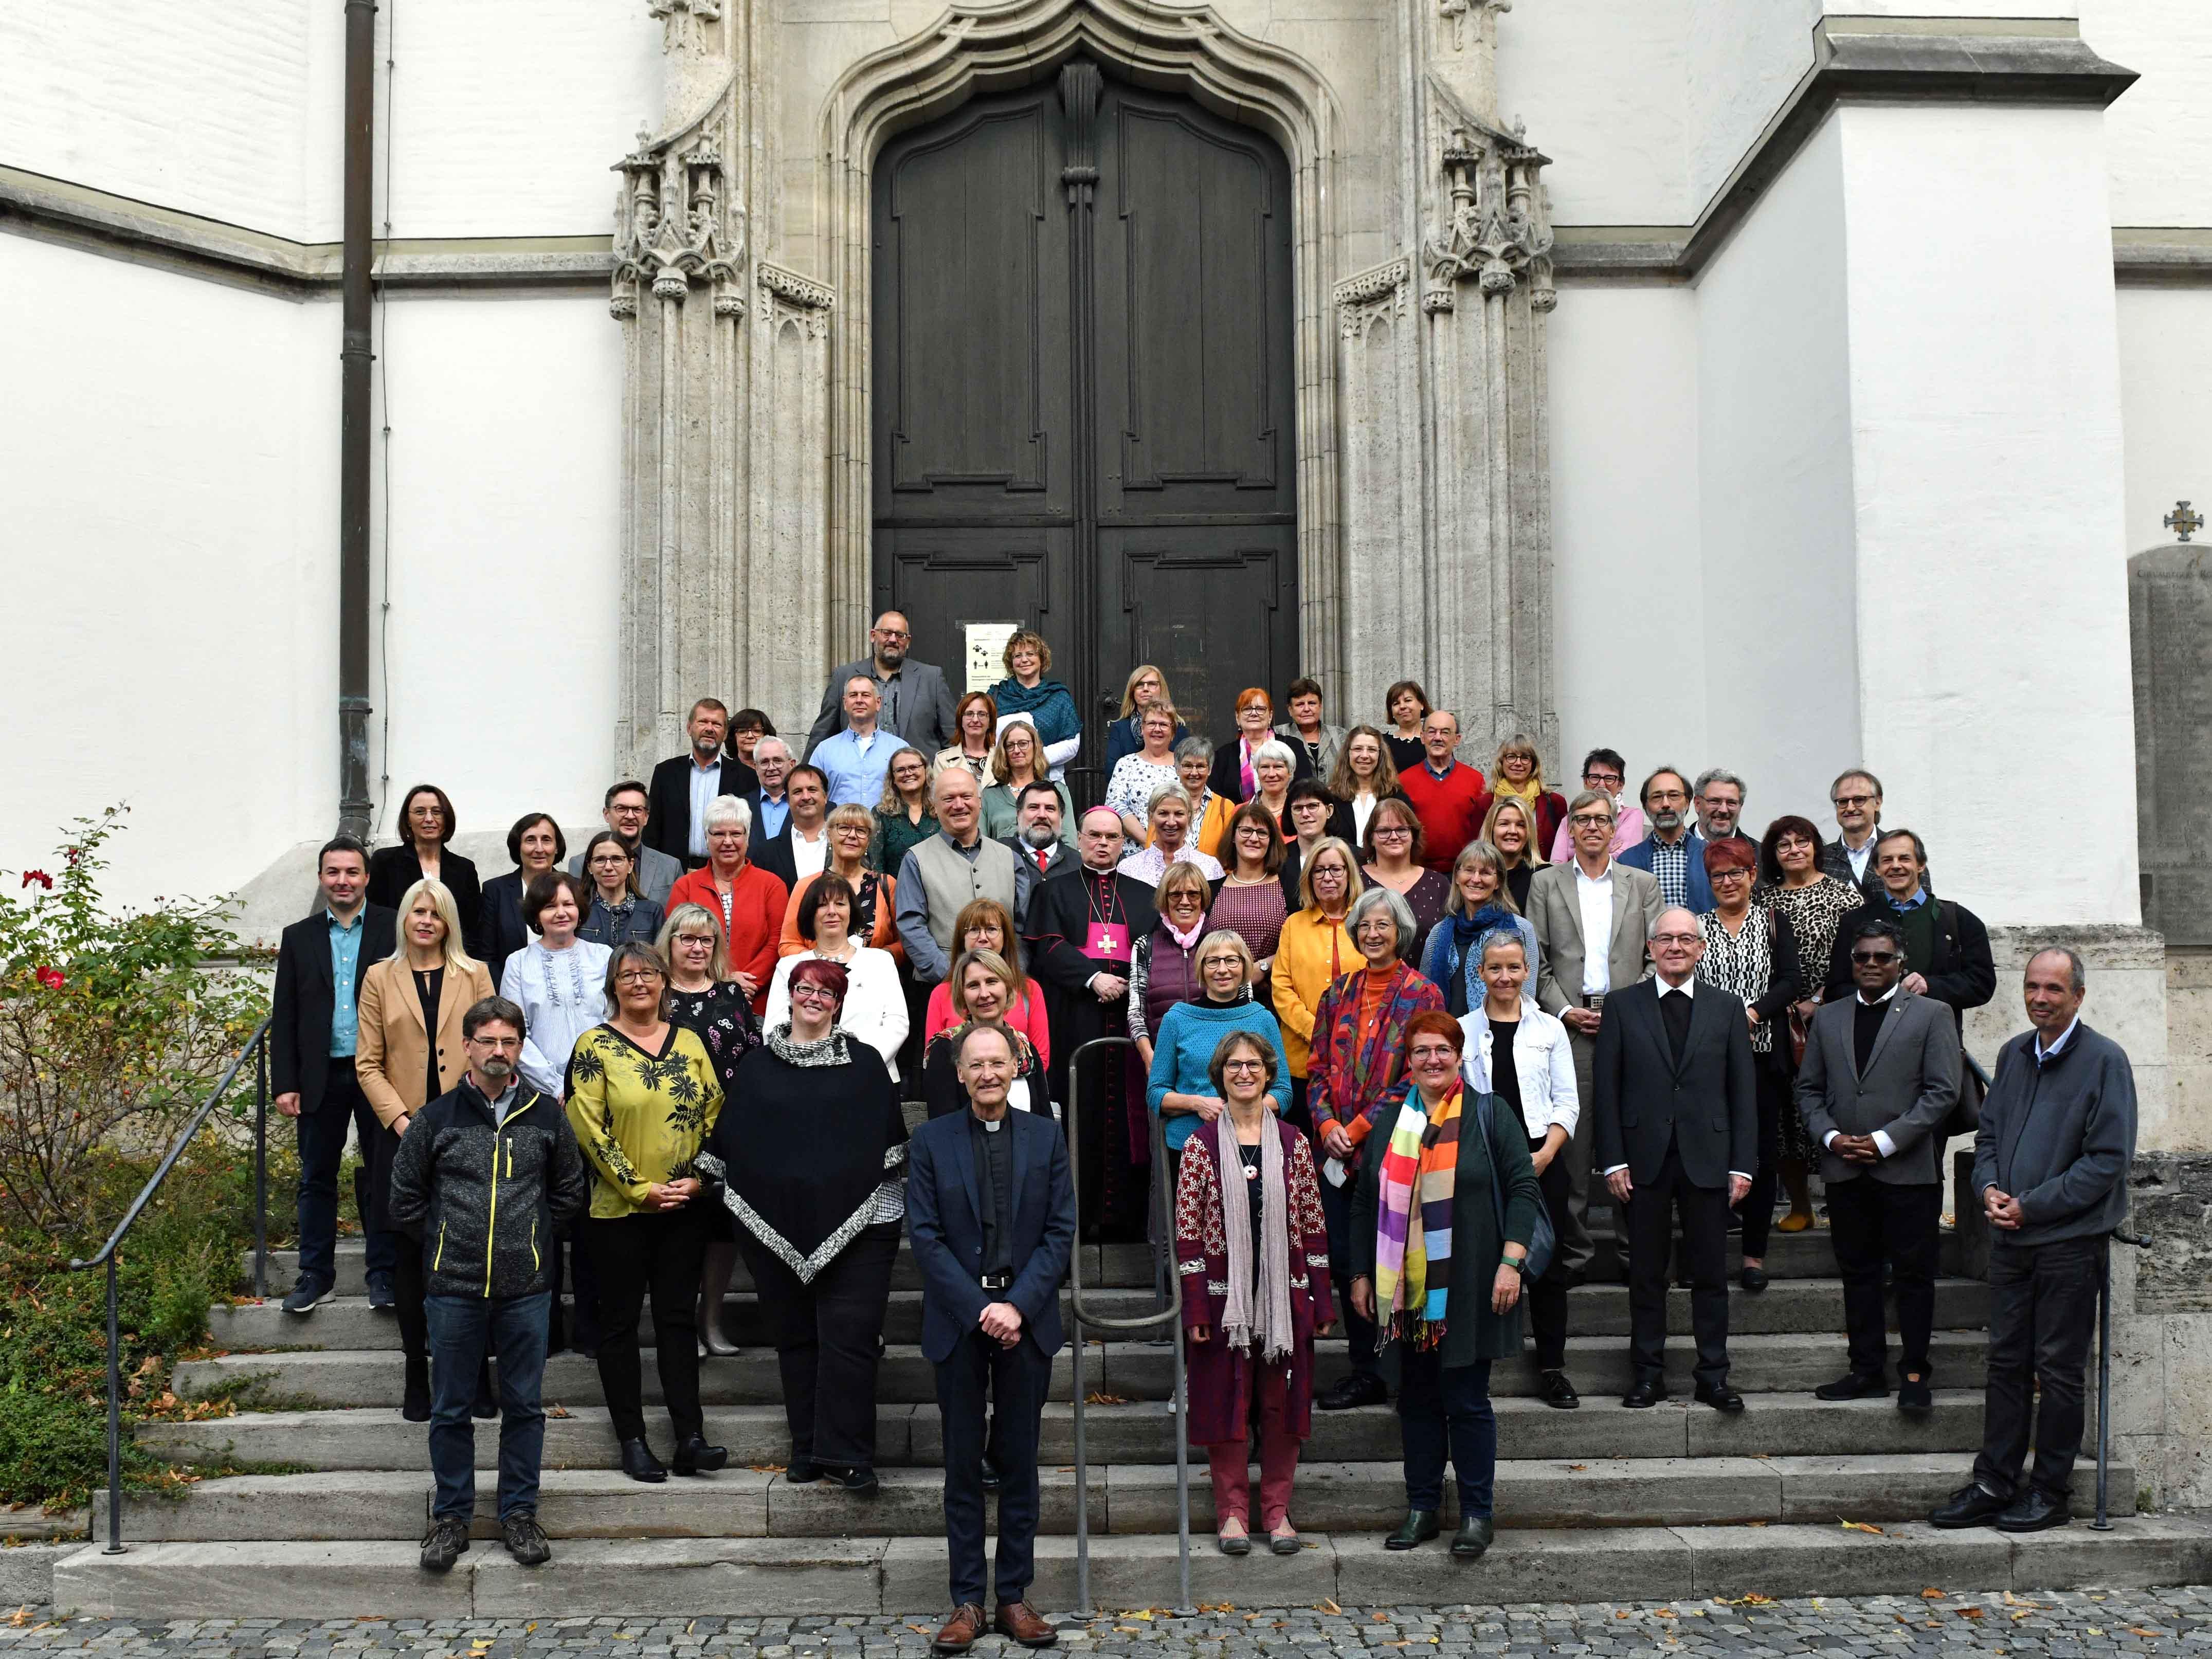 Mehrere Dutzend Frauen und Männer mit Dienstjubiläen in den vergangenen beiden Jahre folgten der Einladung des Bistums zu Gottesdienst, Stehempfang und Festakt. (Foto: Nicolas Schnall / pba)